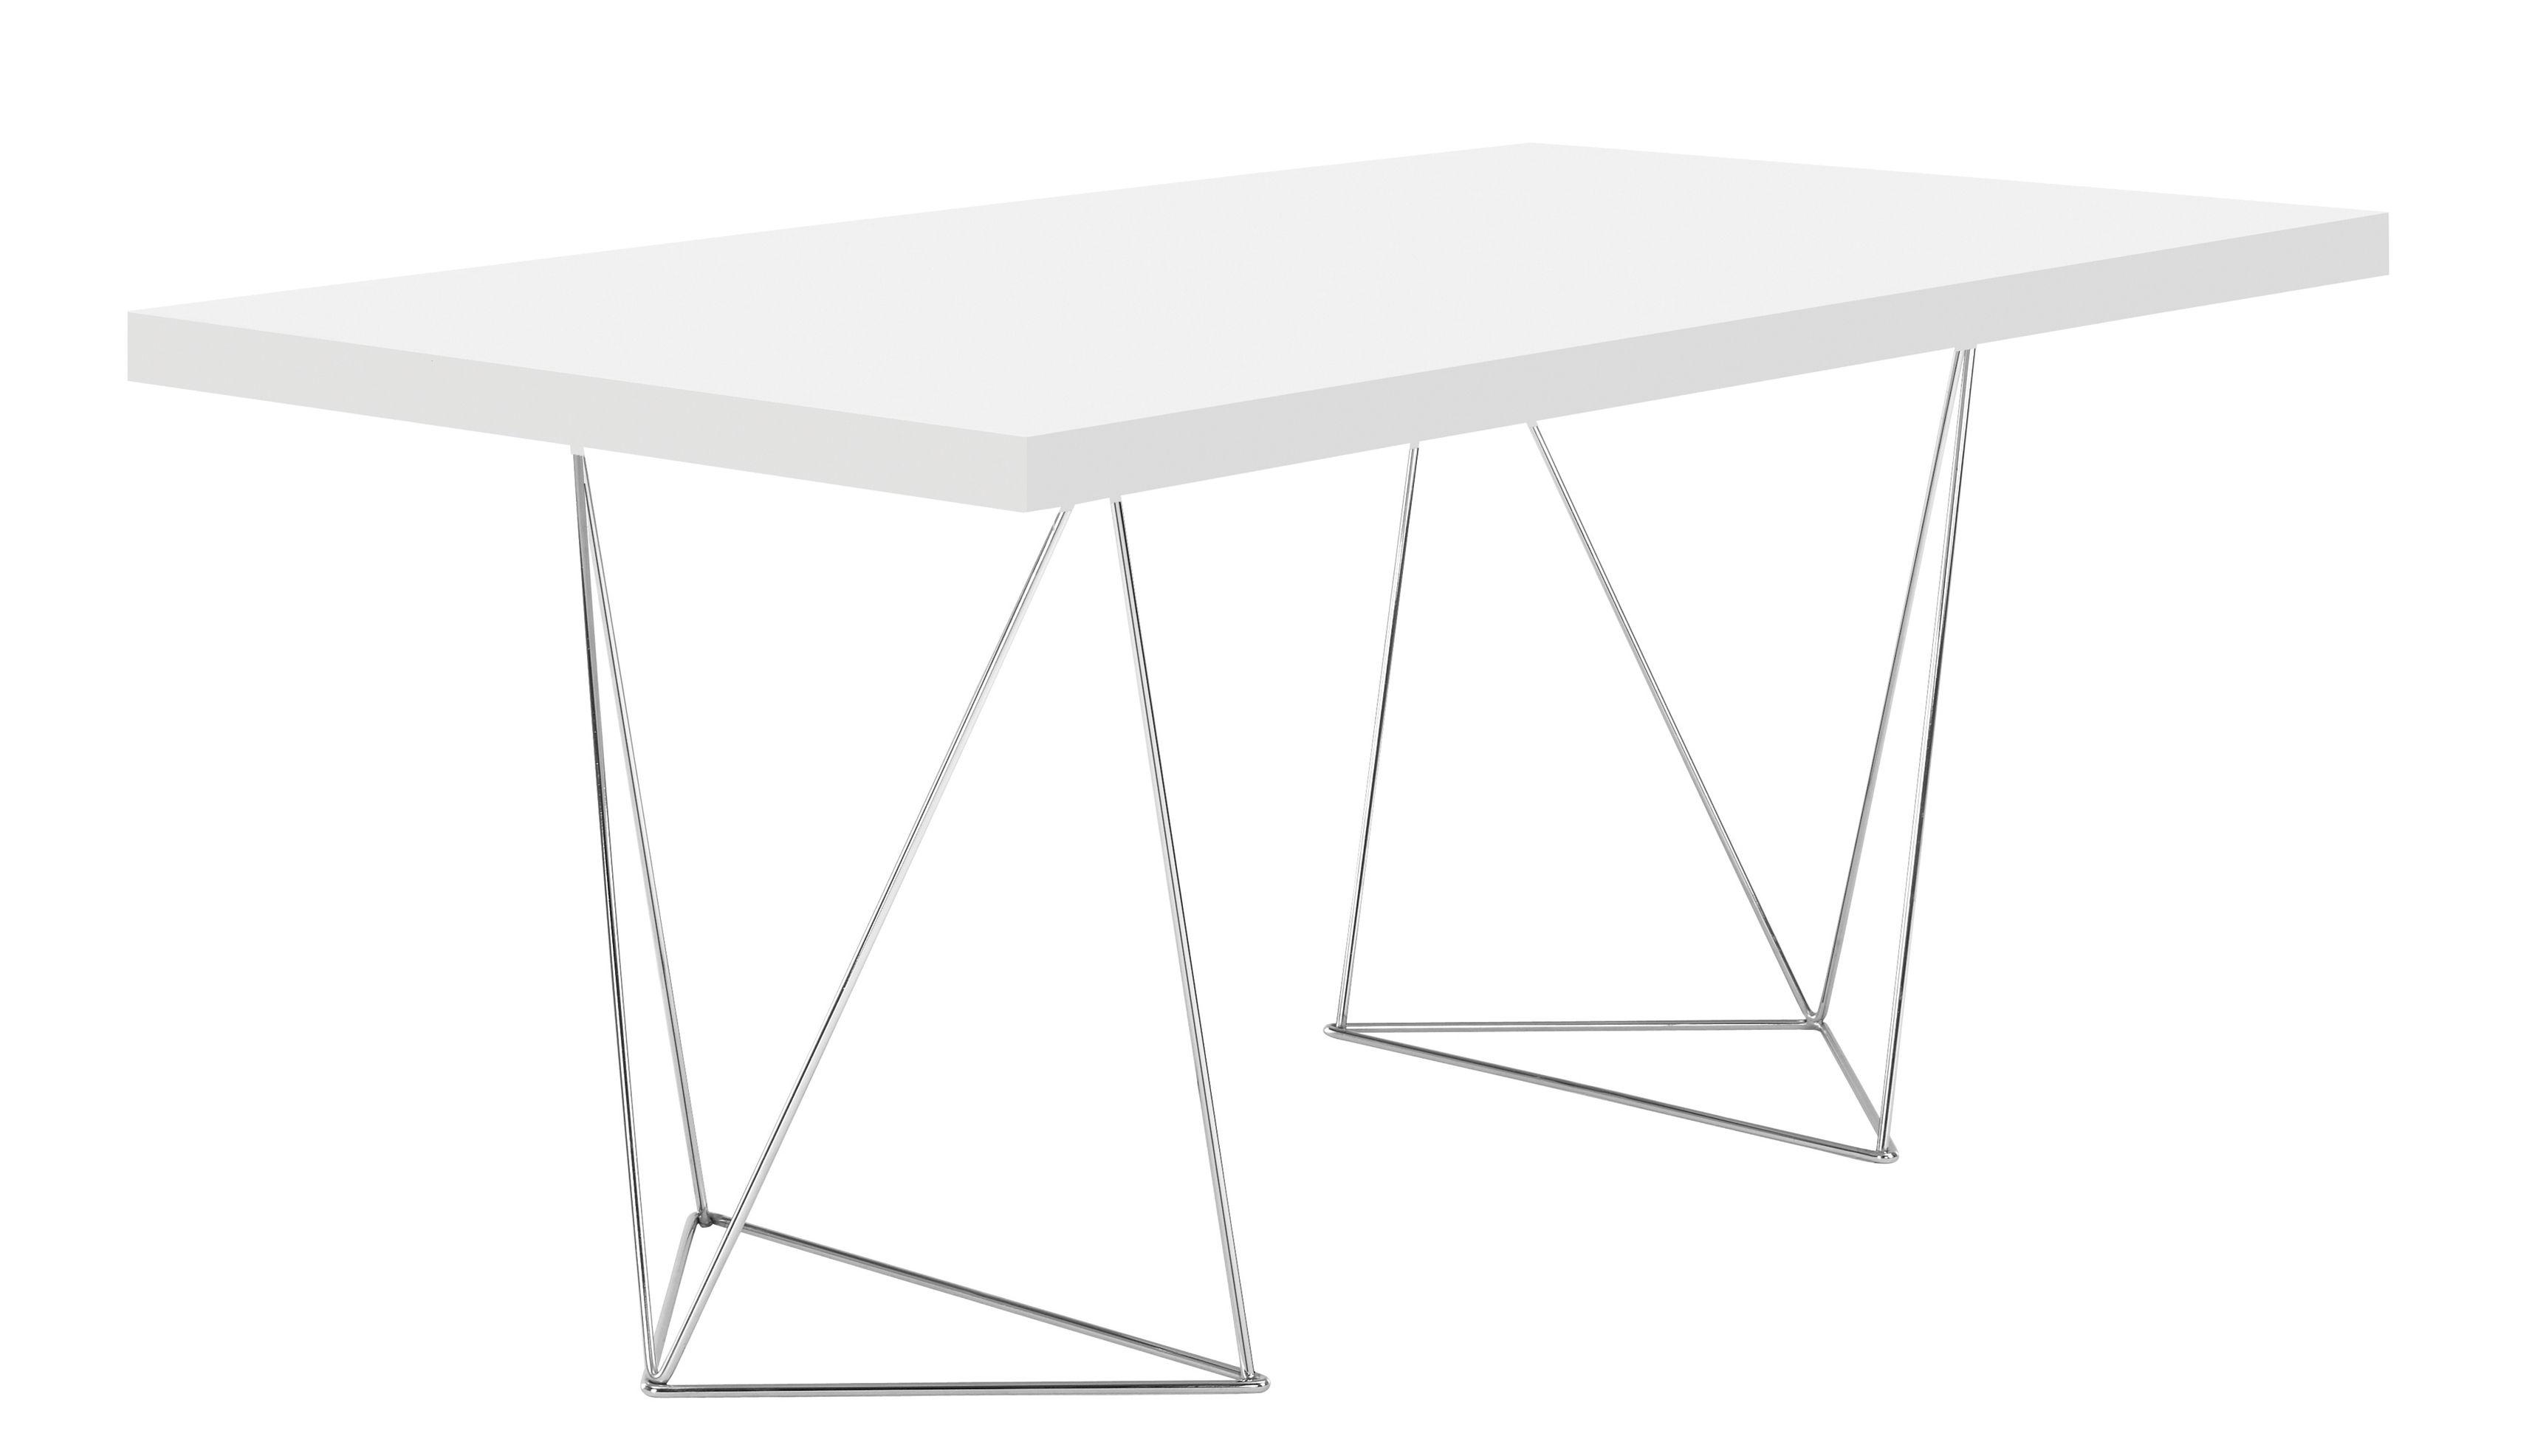 Arredamento - Mobili da ufficio - Tavolo Tresle / L 180 cm - POP UP HOME - Bianco / Base cromata - Metallo, Pannelli alveolari